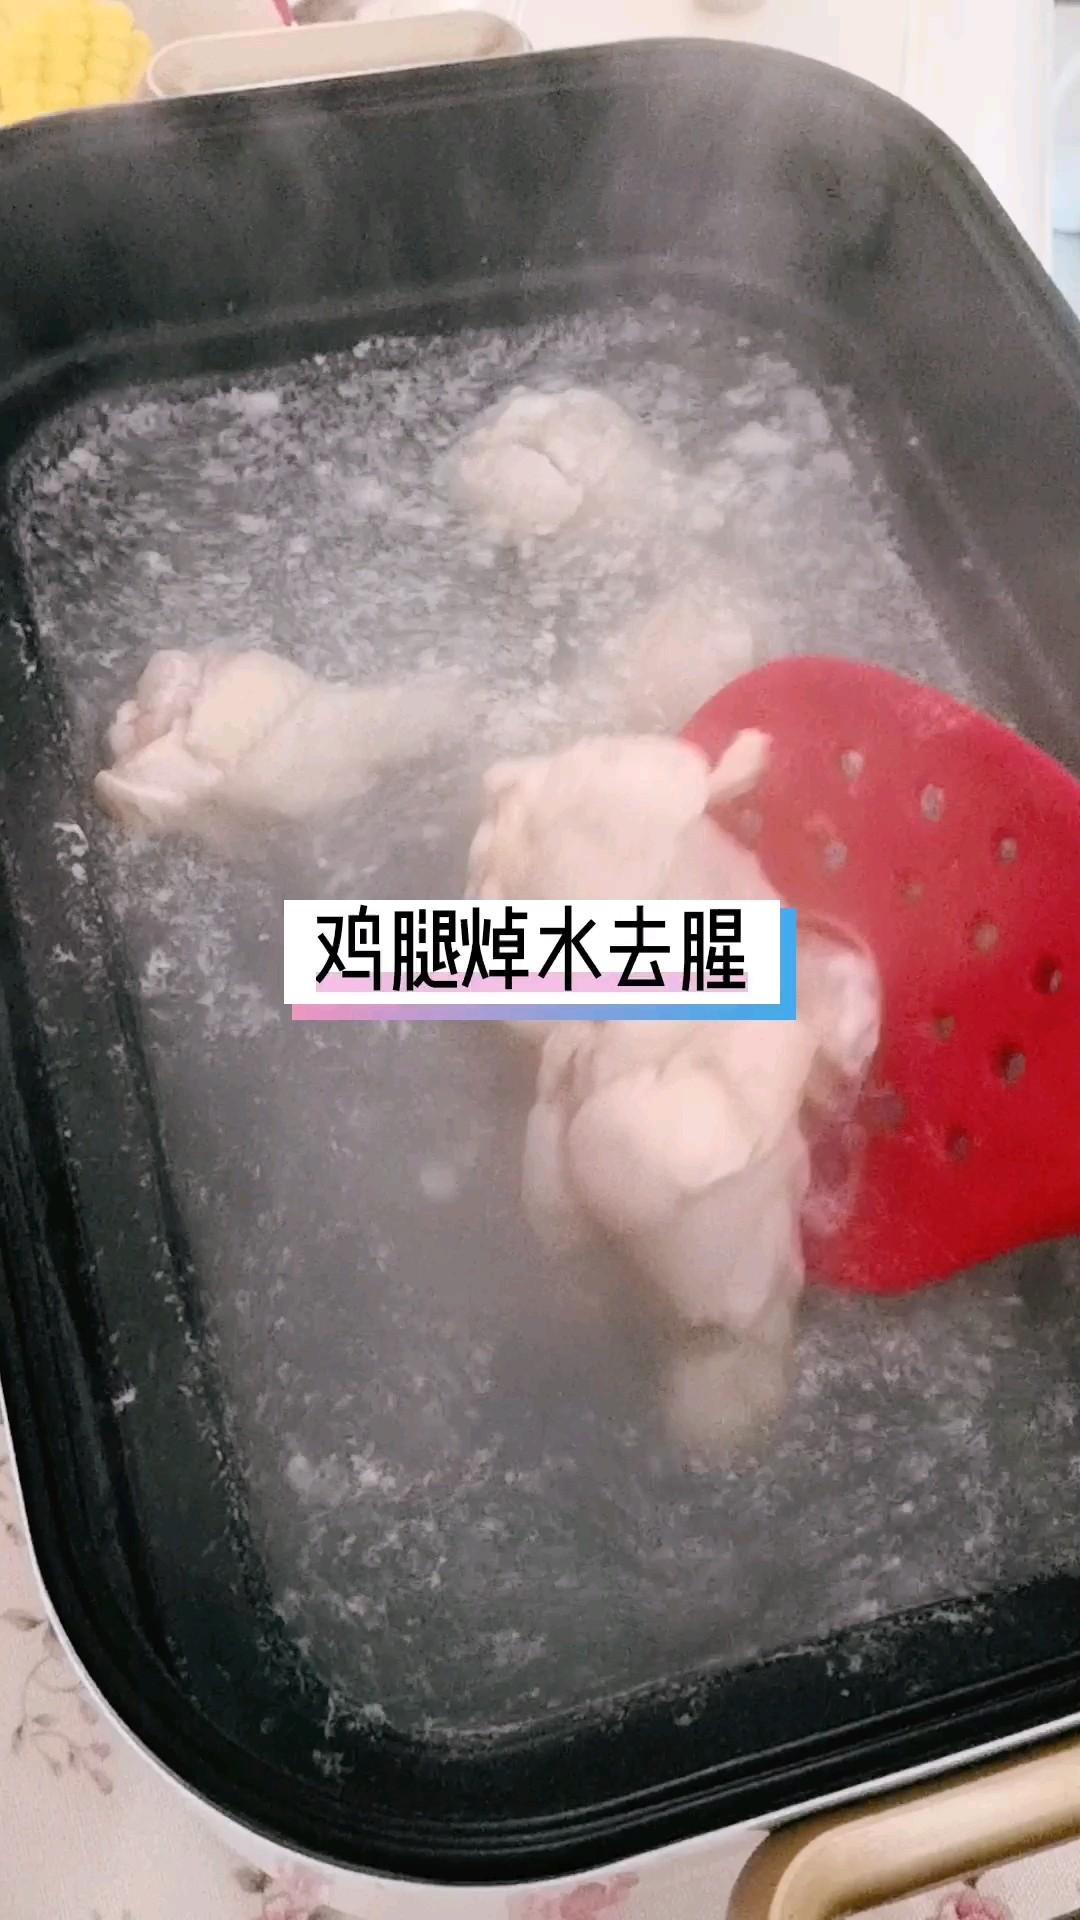 有肉有菜有海鲜,热乎乎满口留香的做法图解